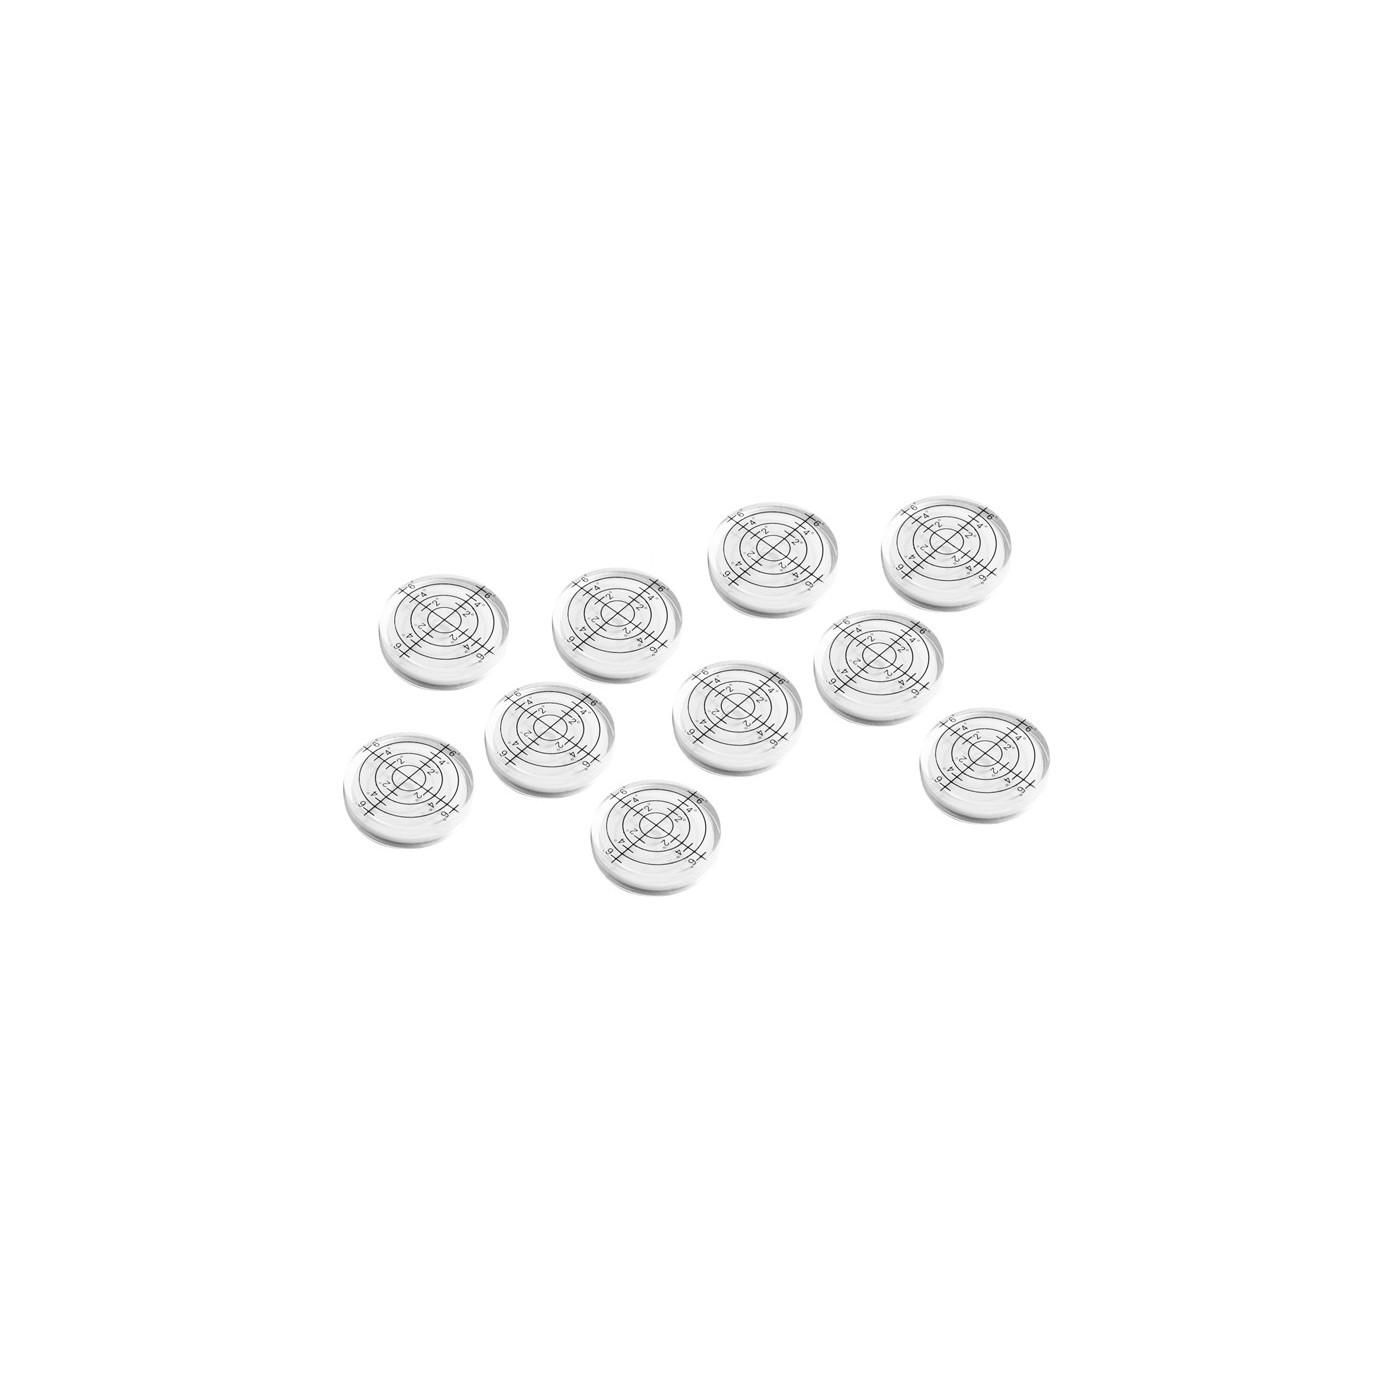 Zestaw 10 fiolek poziomych (32x7 mm, biały)  - 1